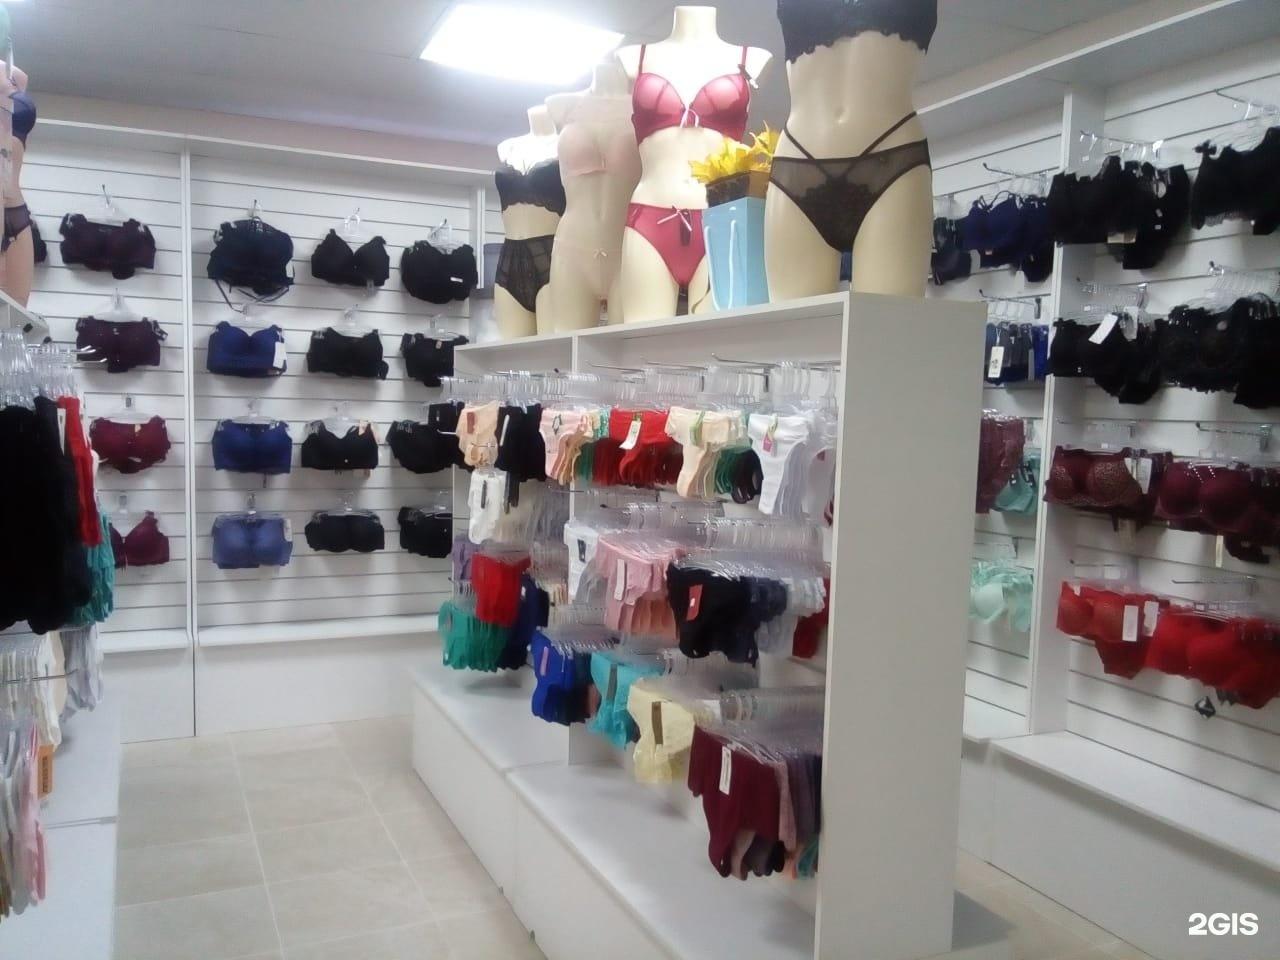 Магазин женского белья краснодар купить трусы с высокой талией спб